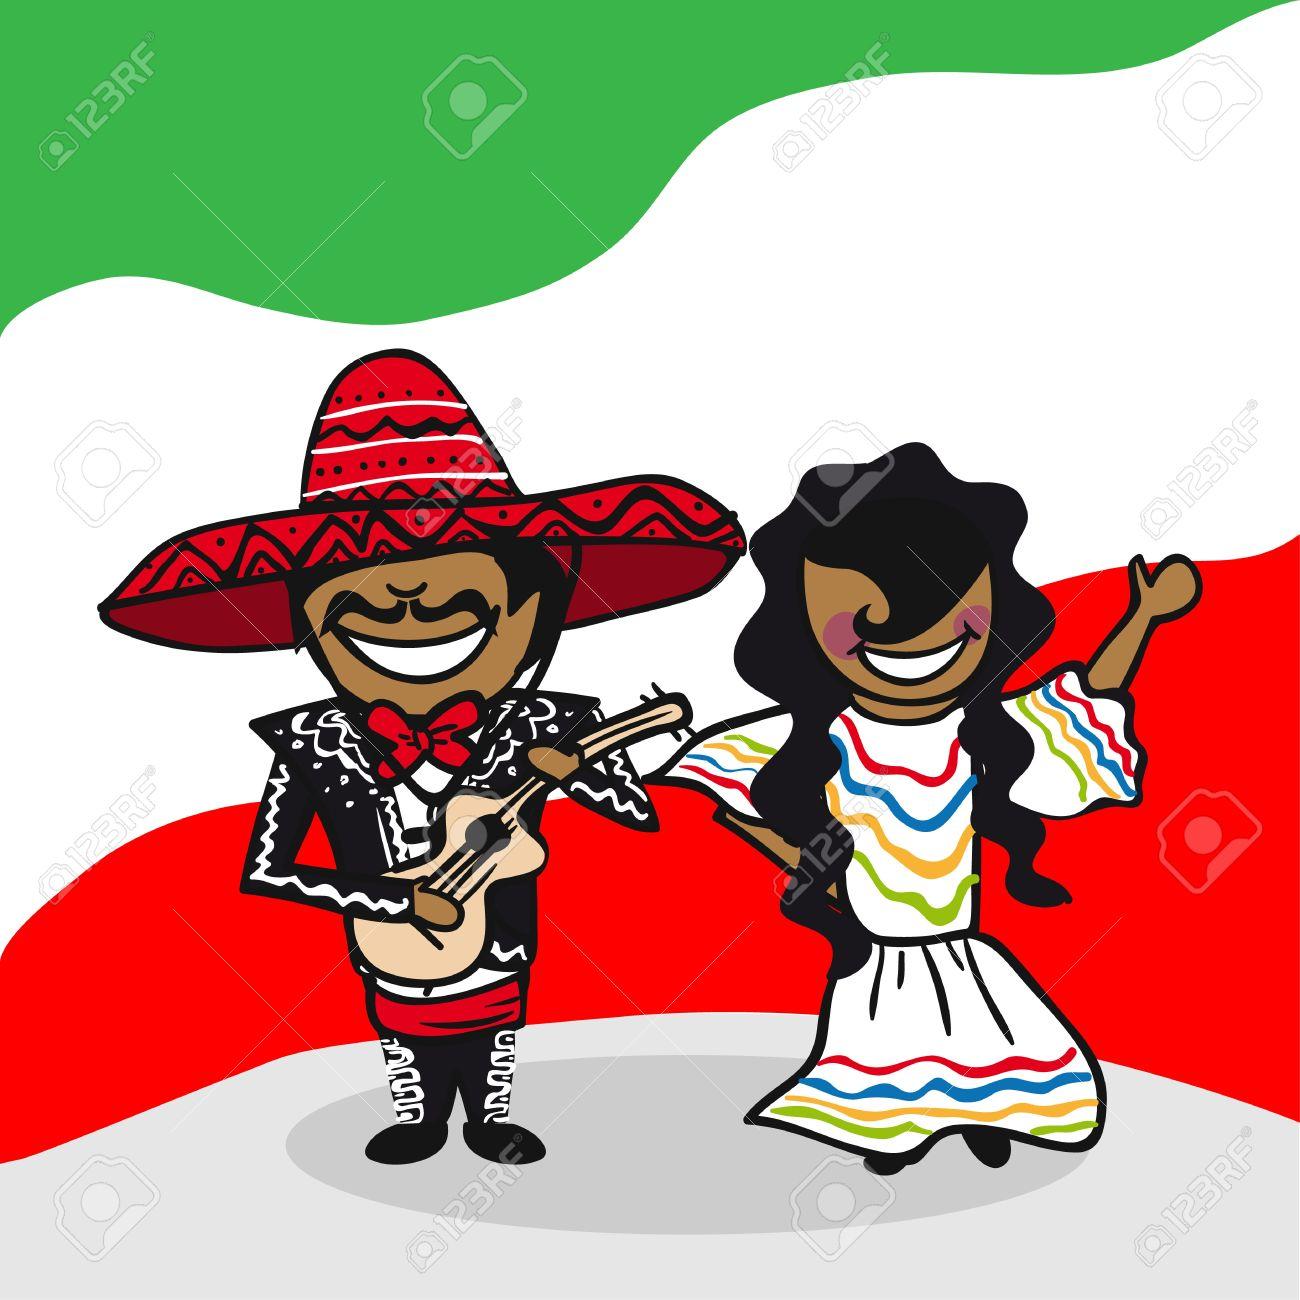 メキシコ人男性と女性漫画の国旗の背景が付いているカップルを実行し